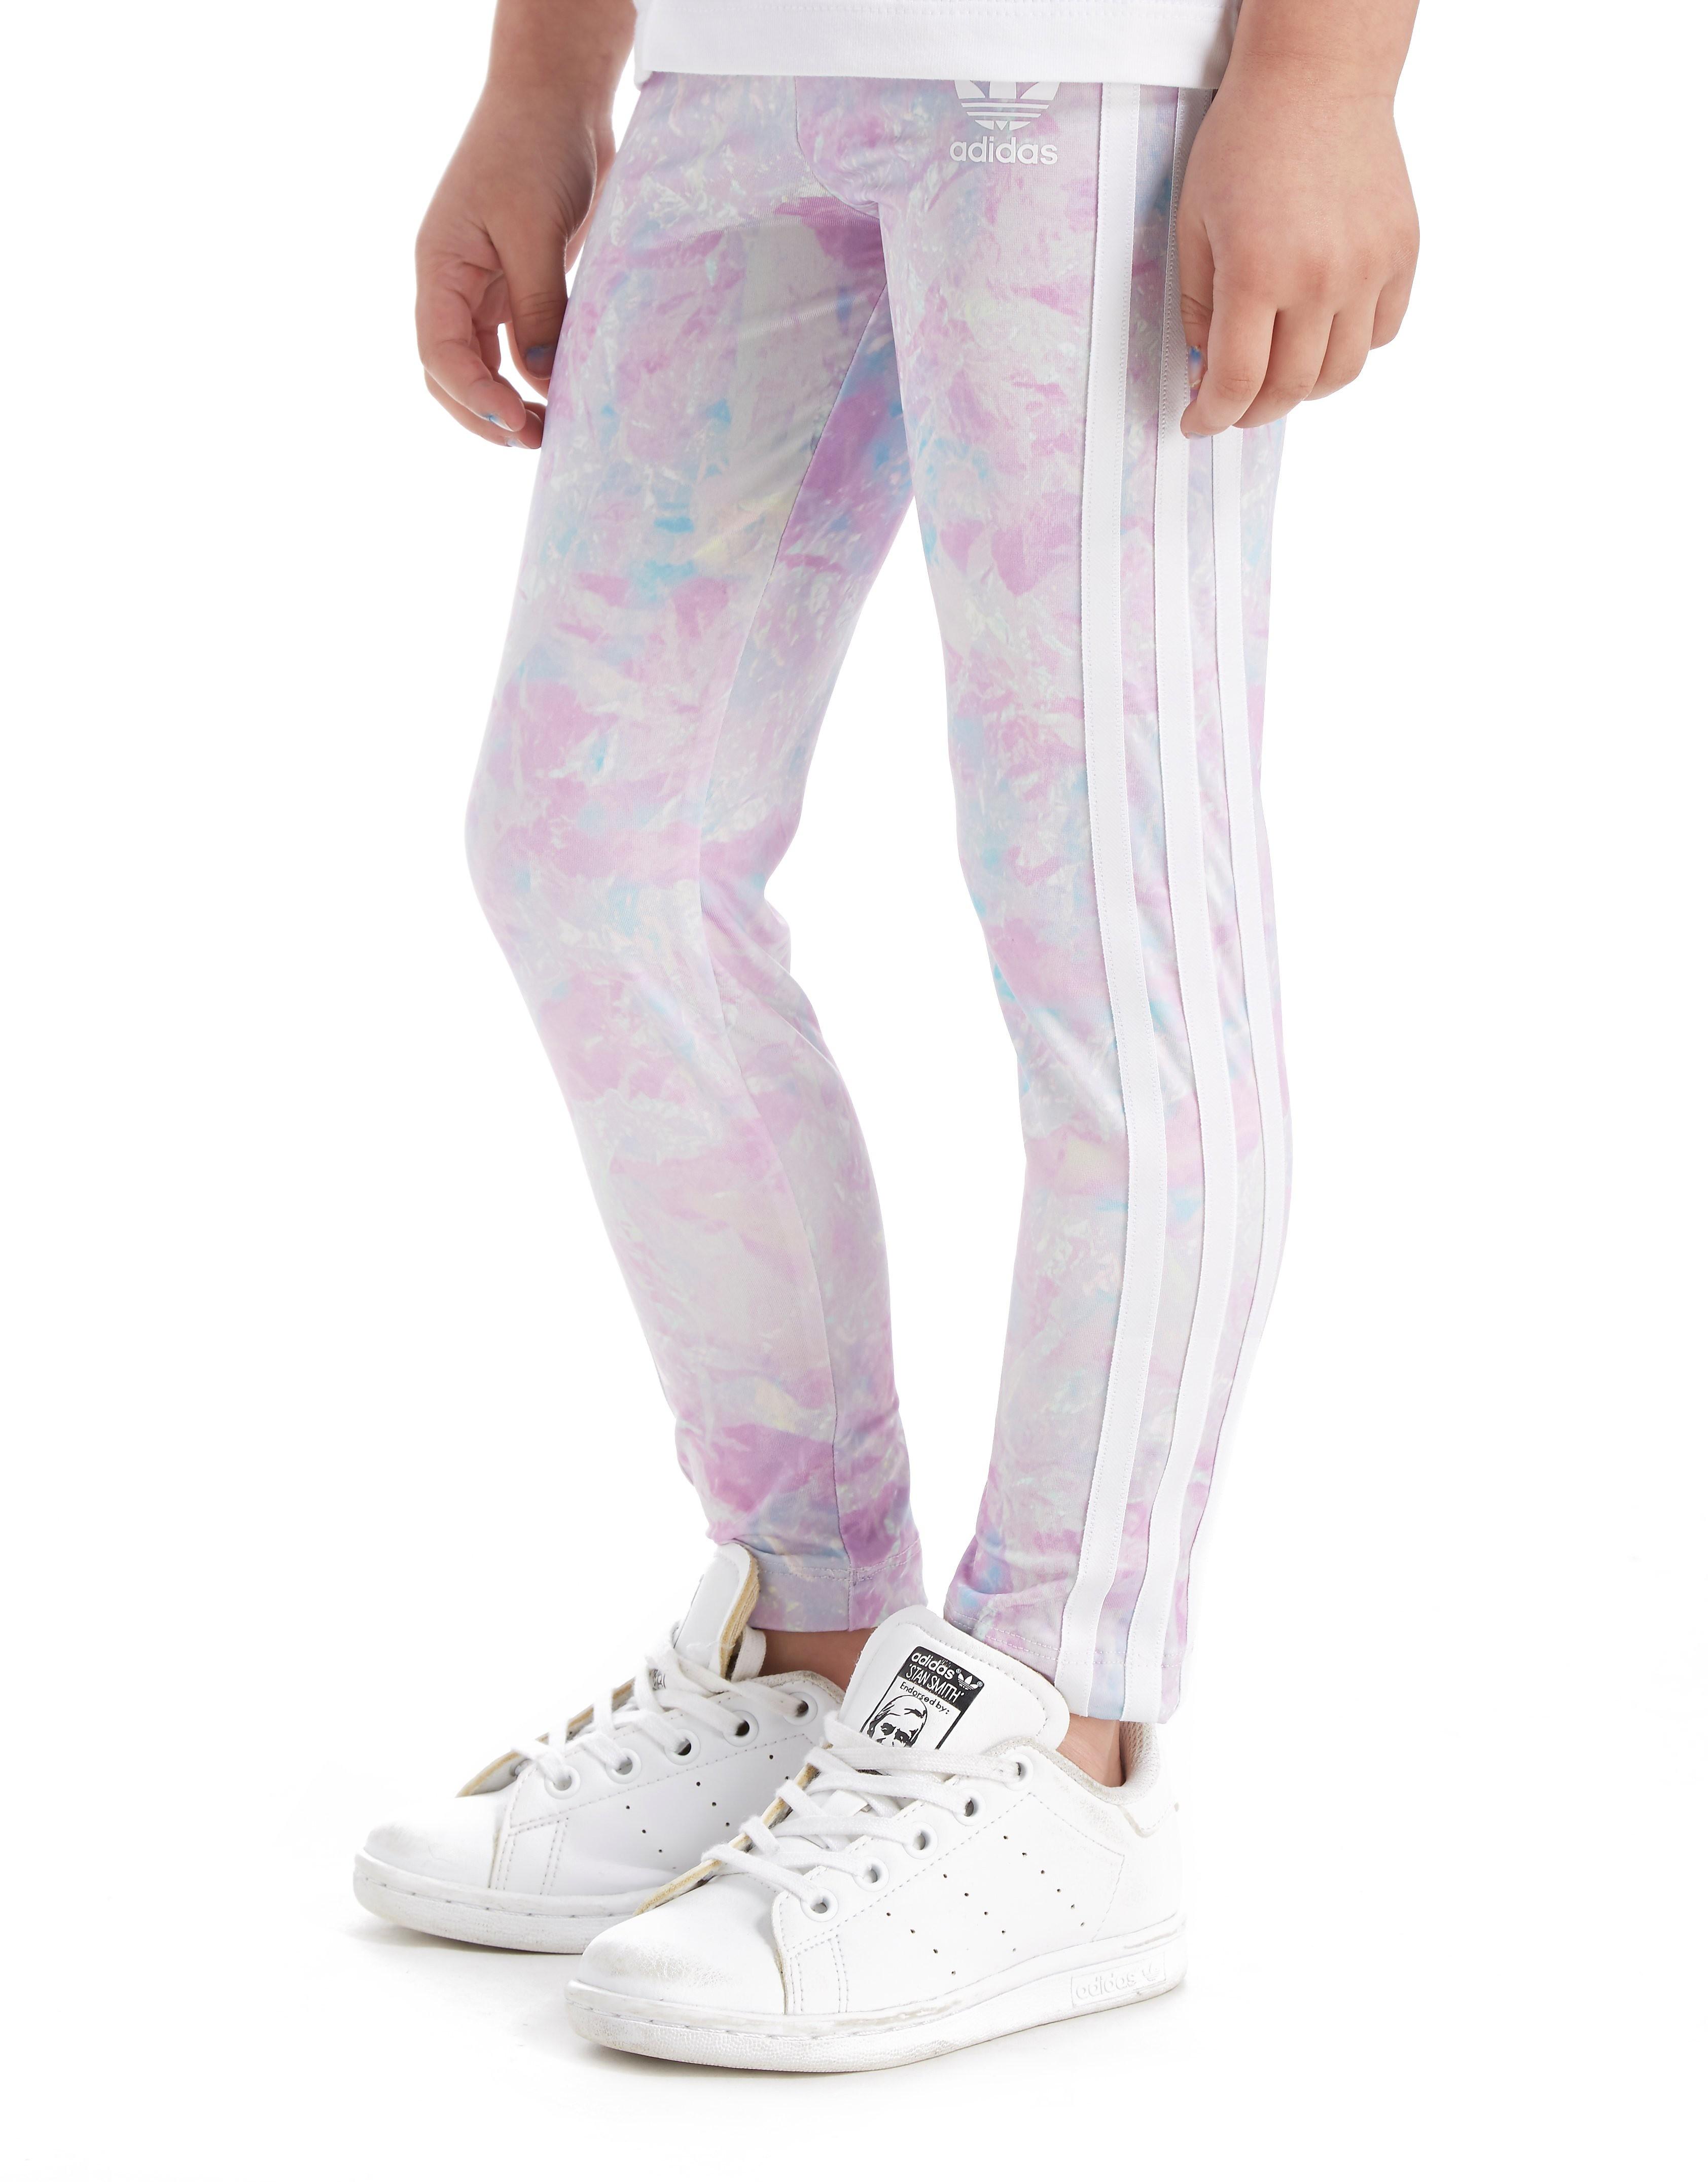 adidas Originals Girls' Graphic Legging Children